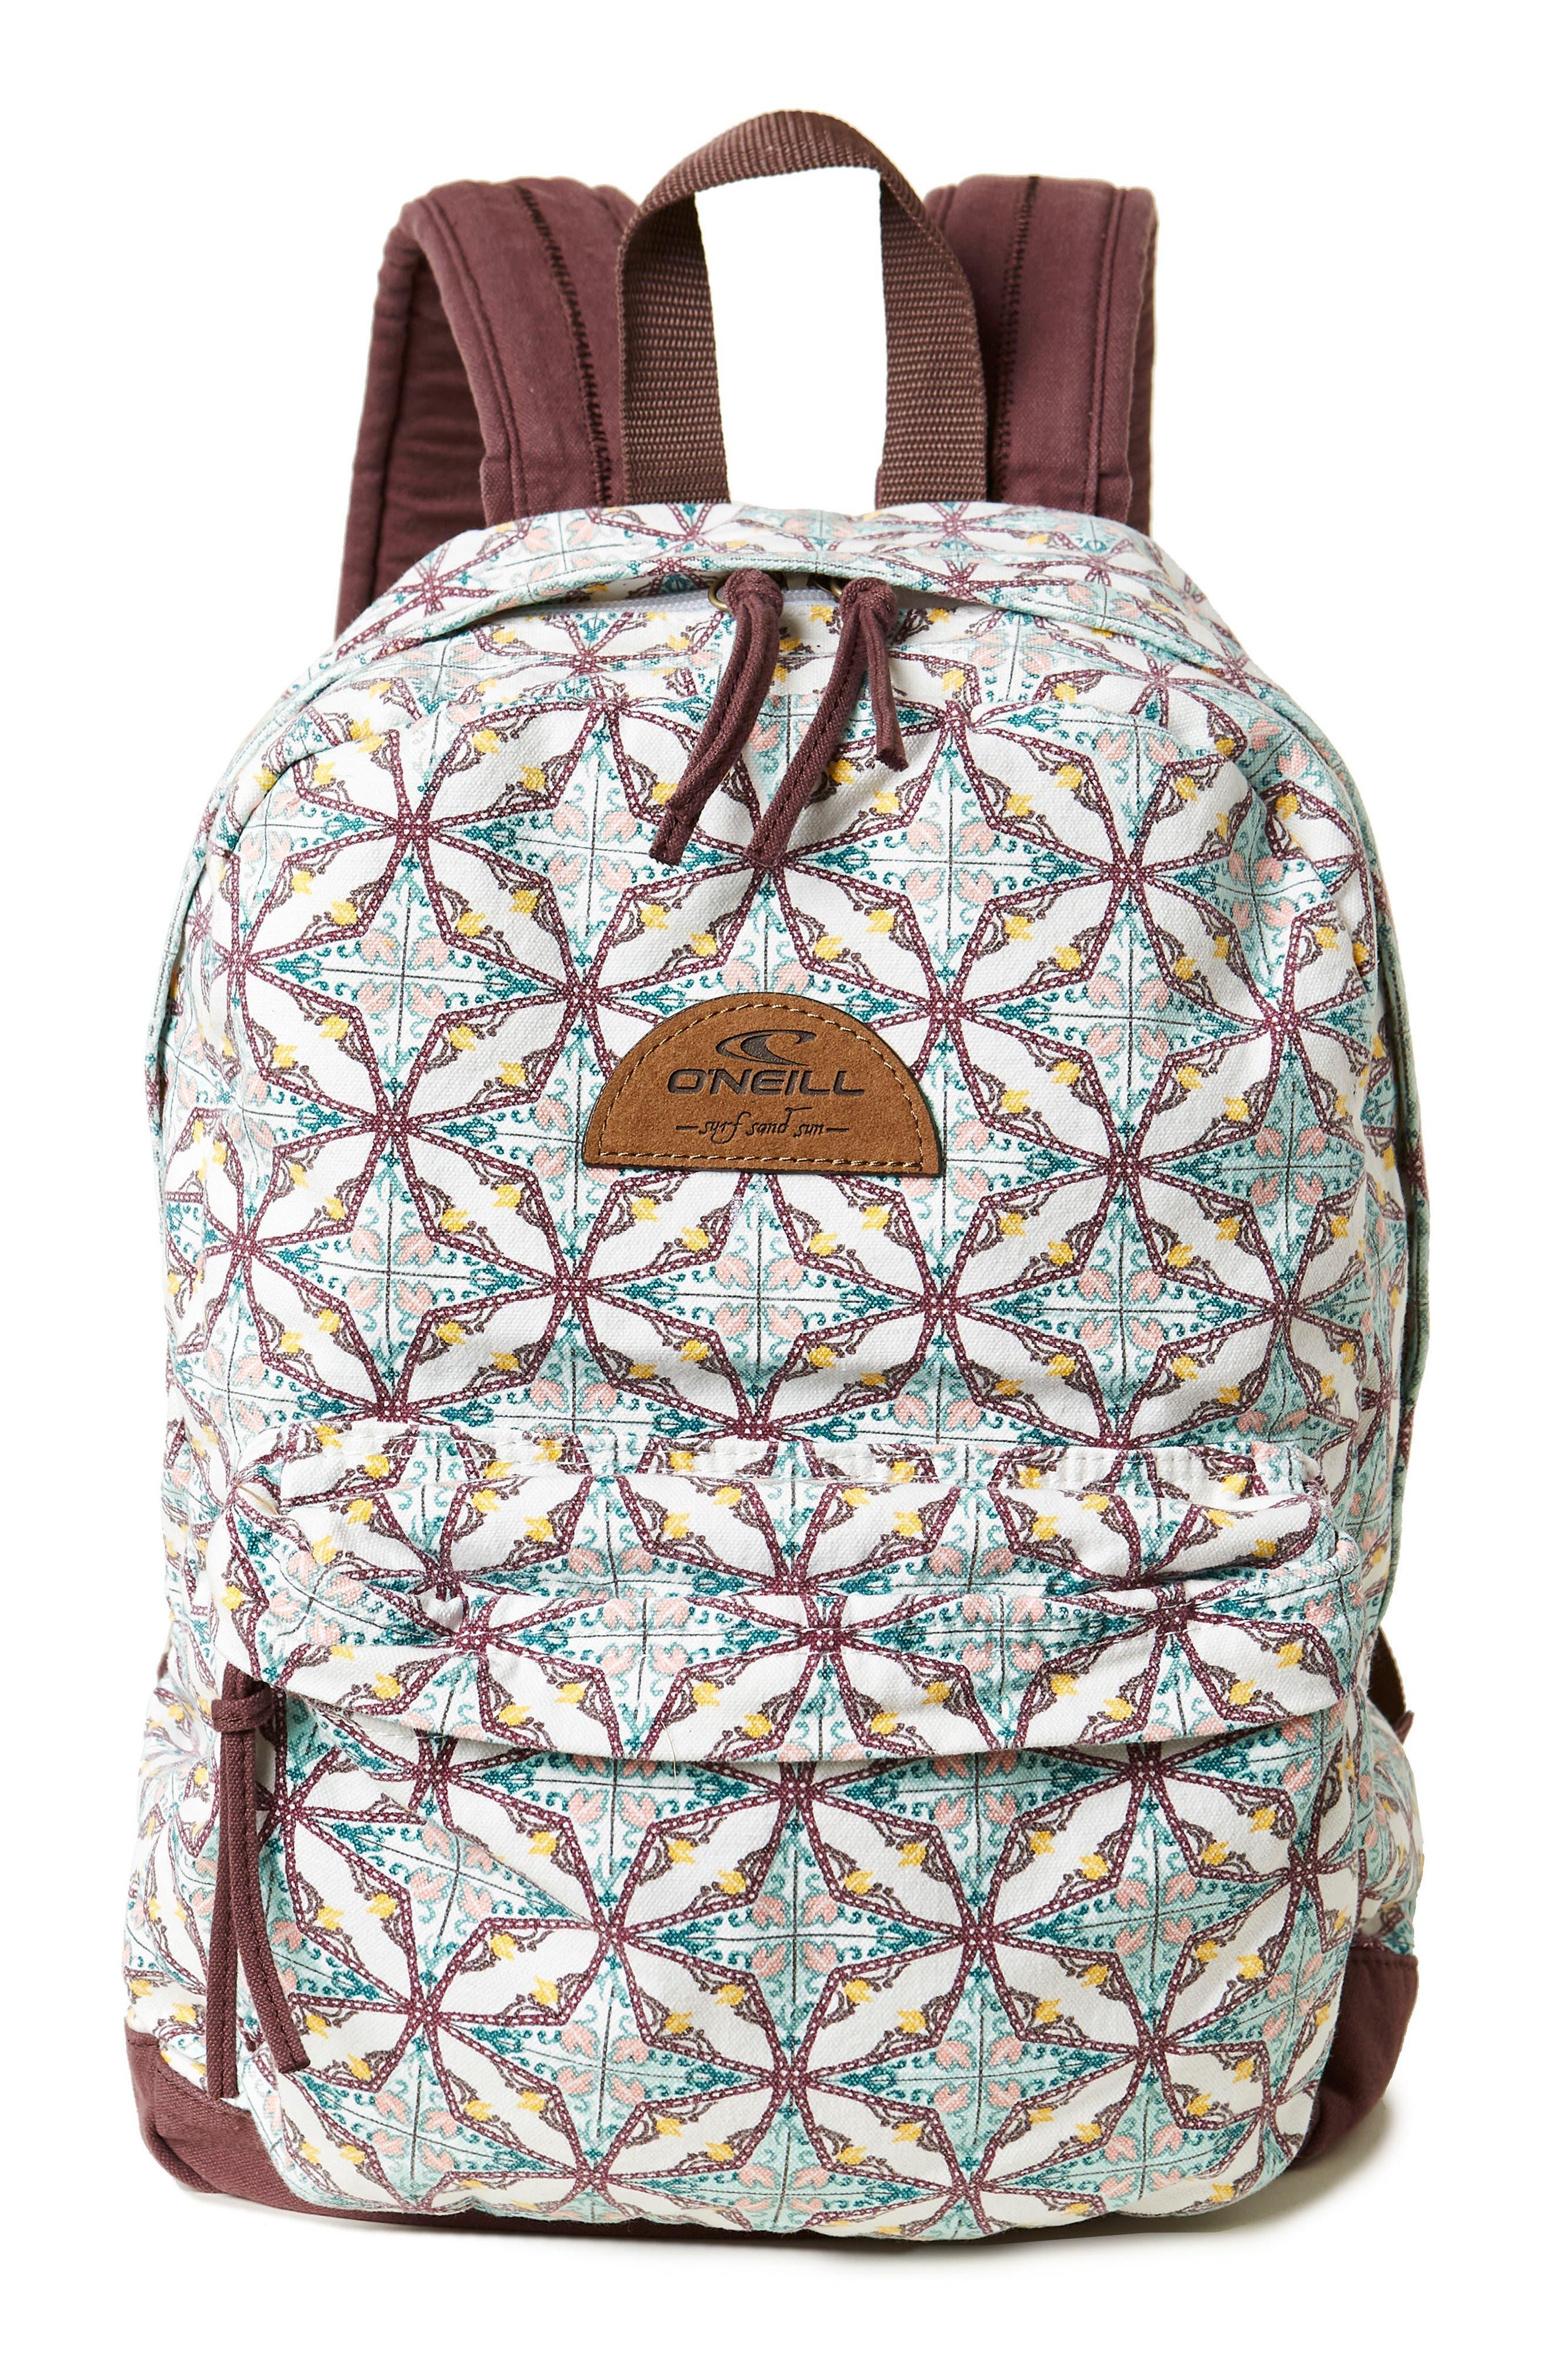 Shoreline Print Backpack,                             Main thumbnail 1, color,                             002